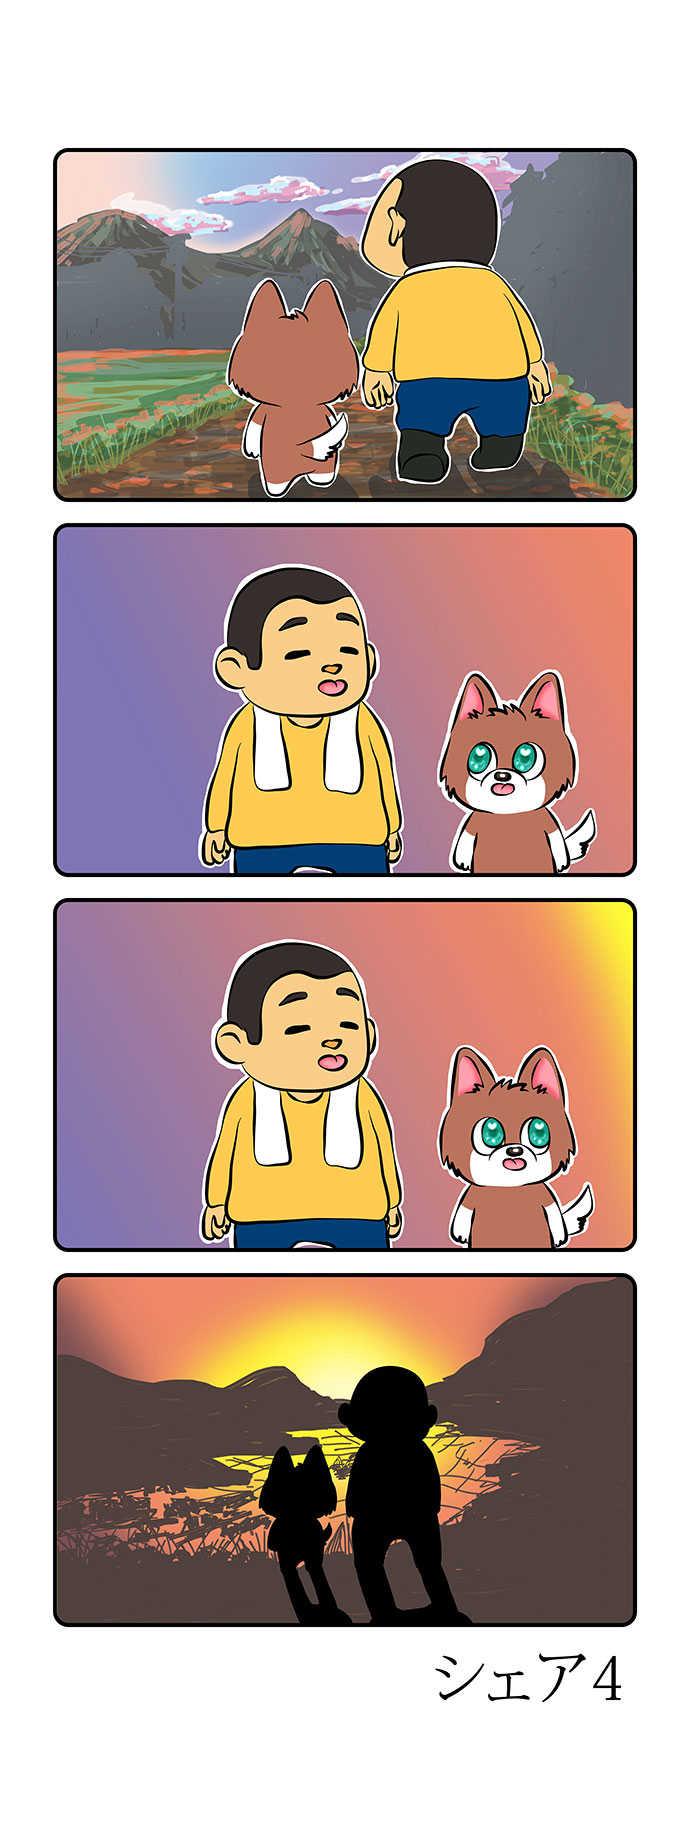 論太郎とシェア